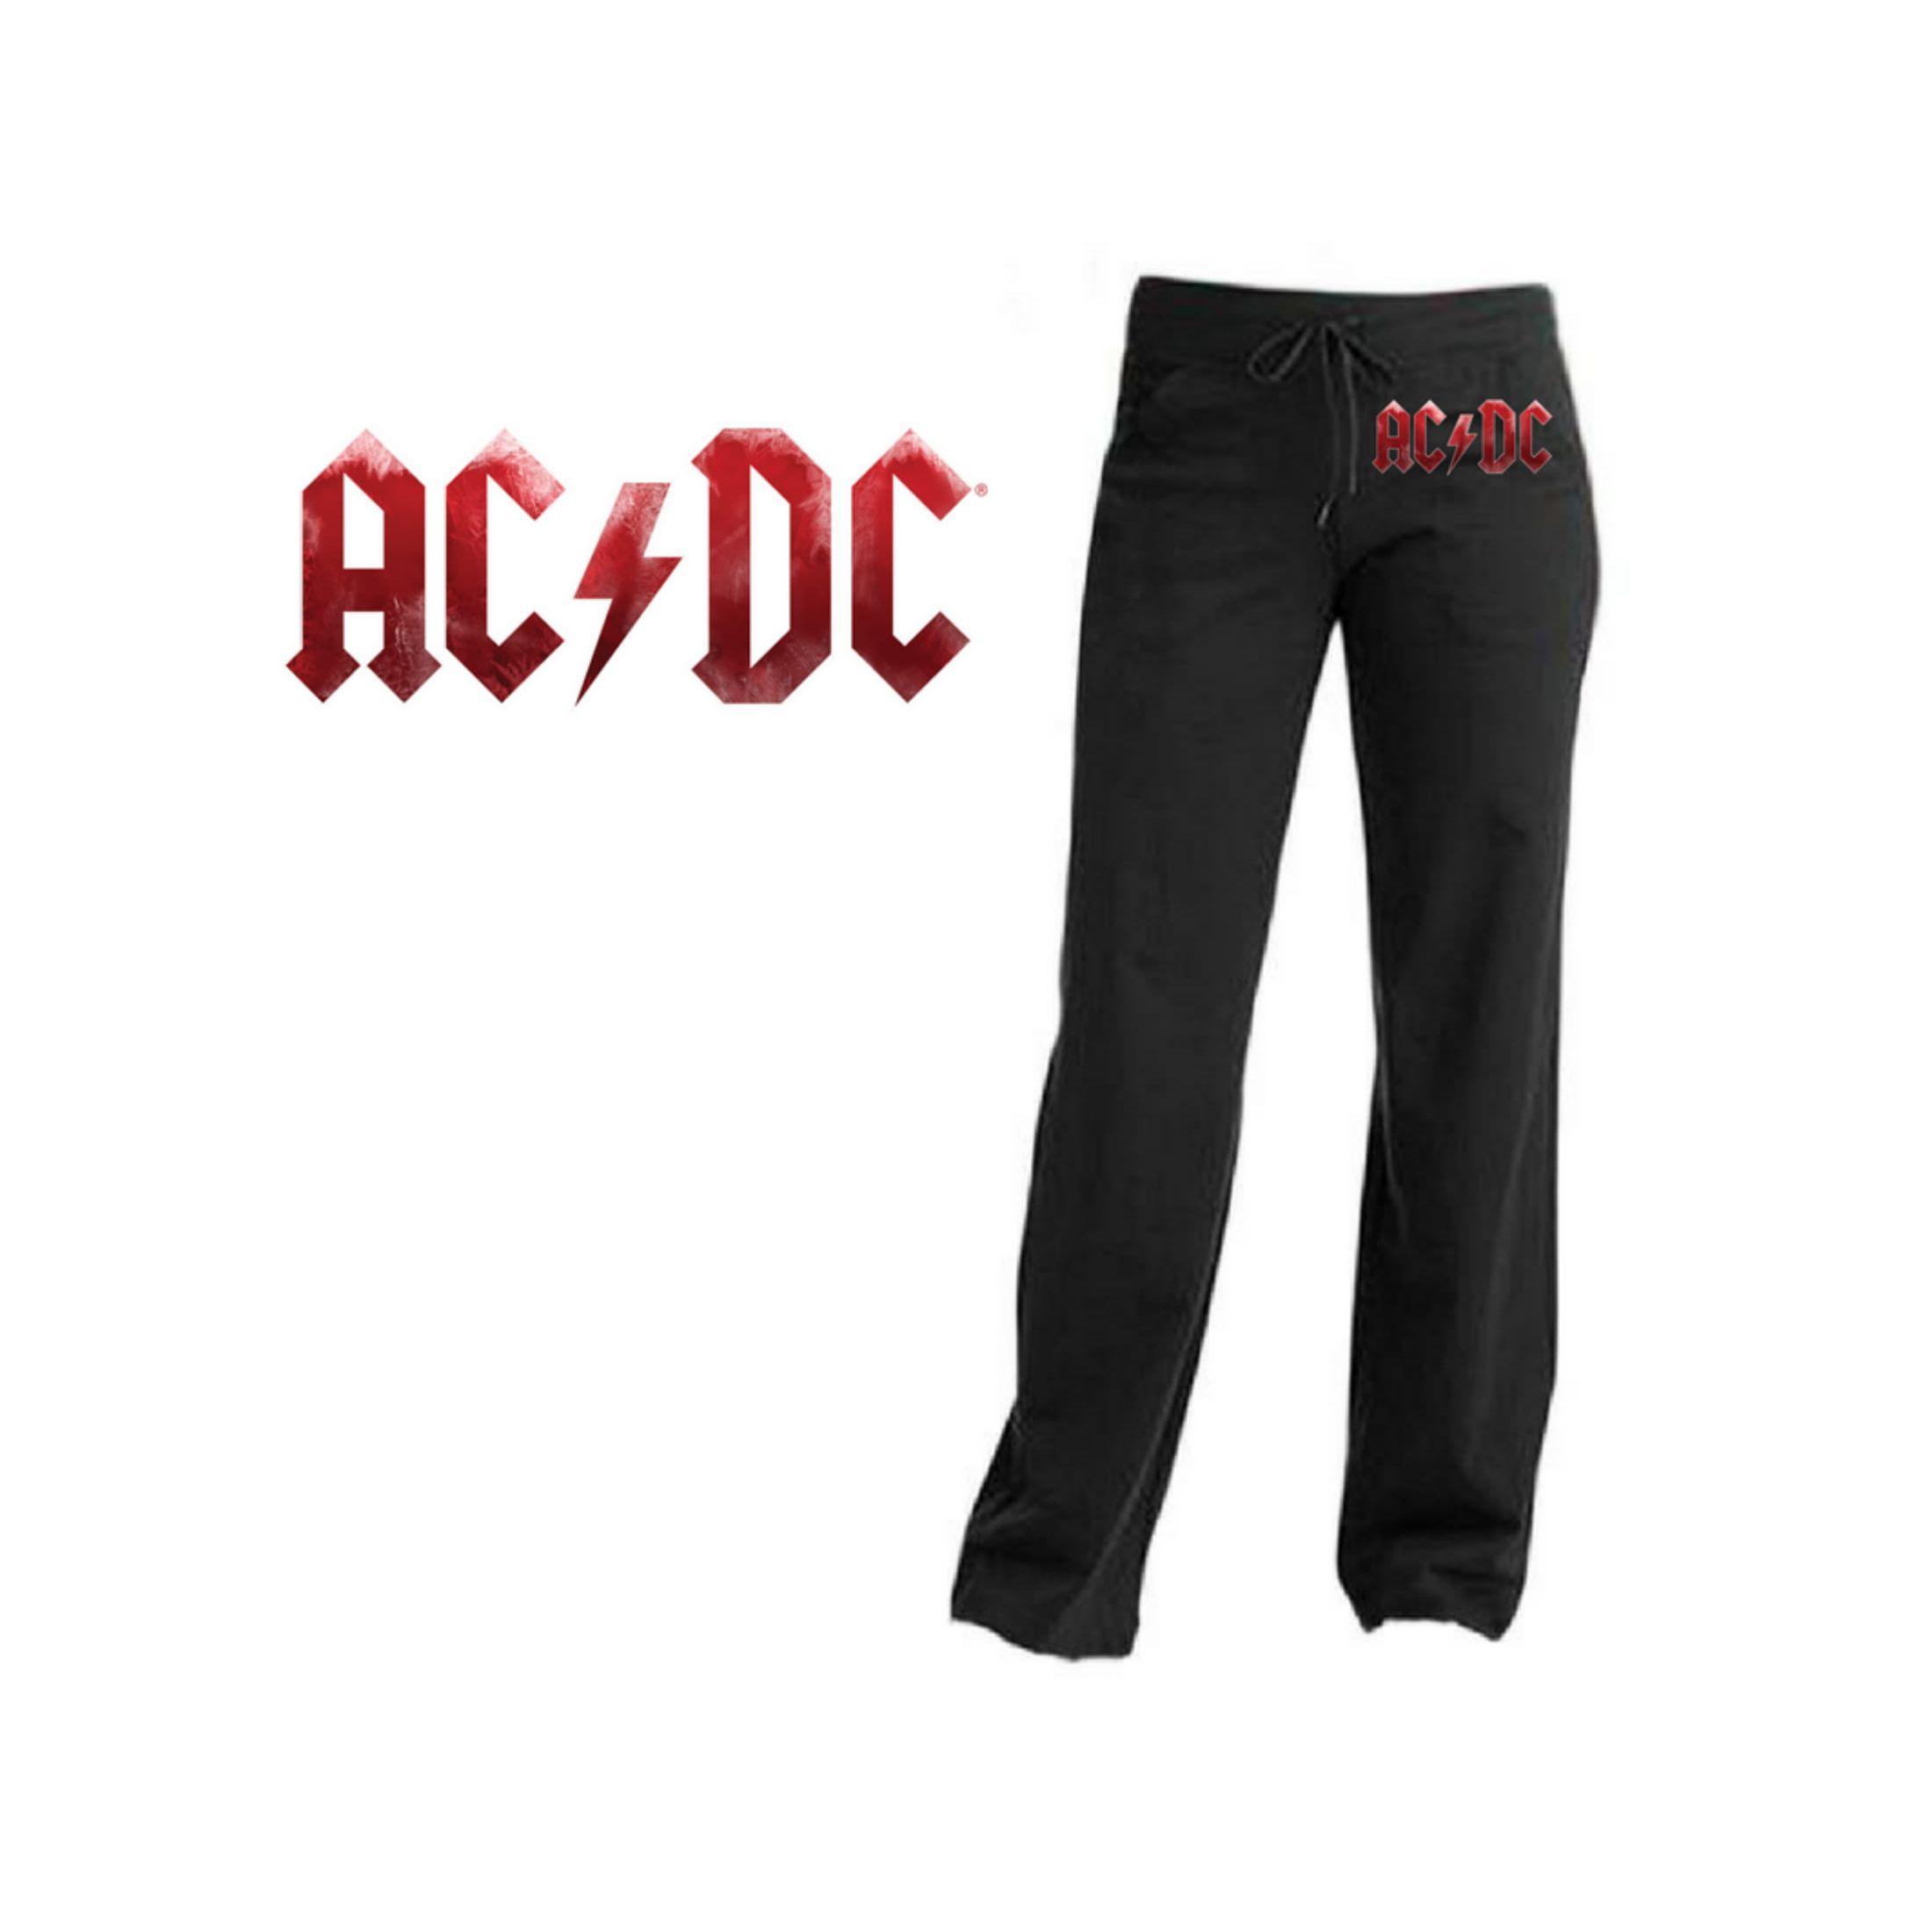 AC/DC Red Grunge Logo Yoga Pants